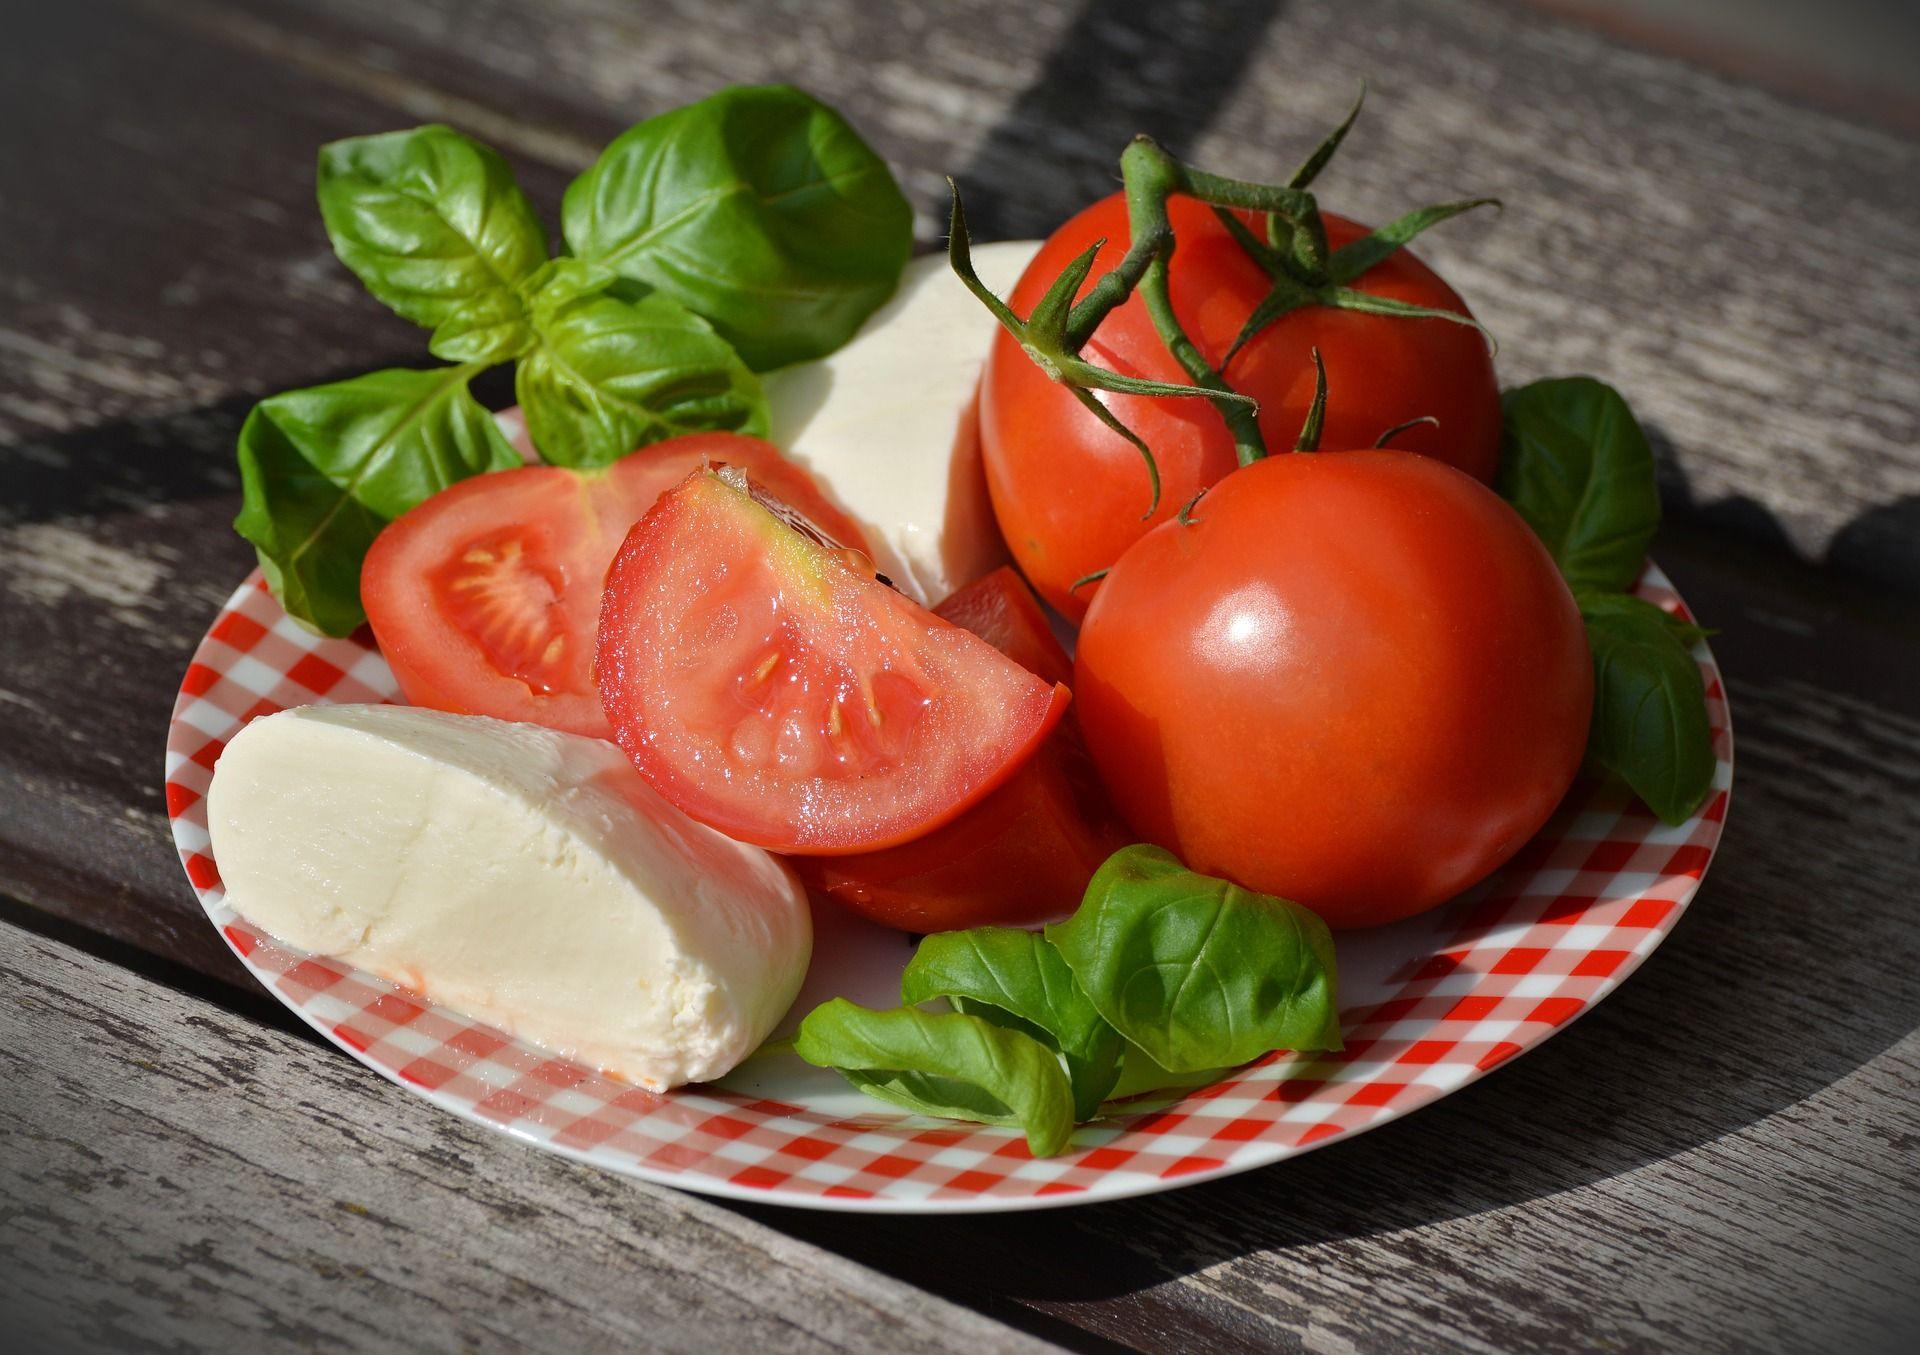 Nuestras ensaladas: Carta  de Al Taglio Palma - Cavallino Rosso